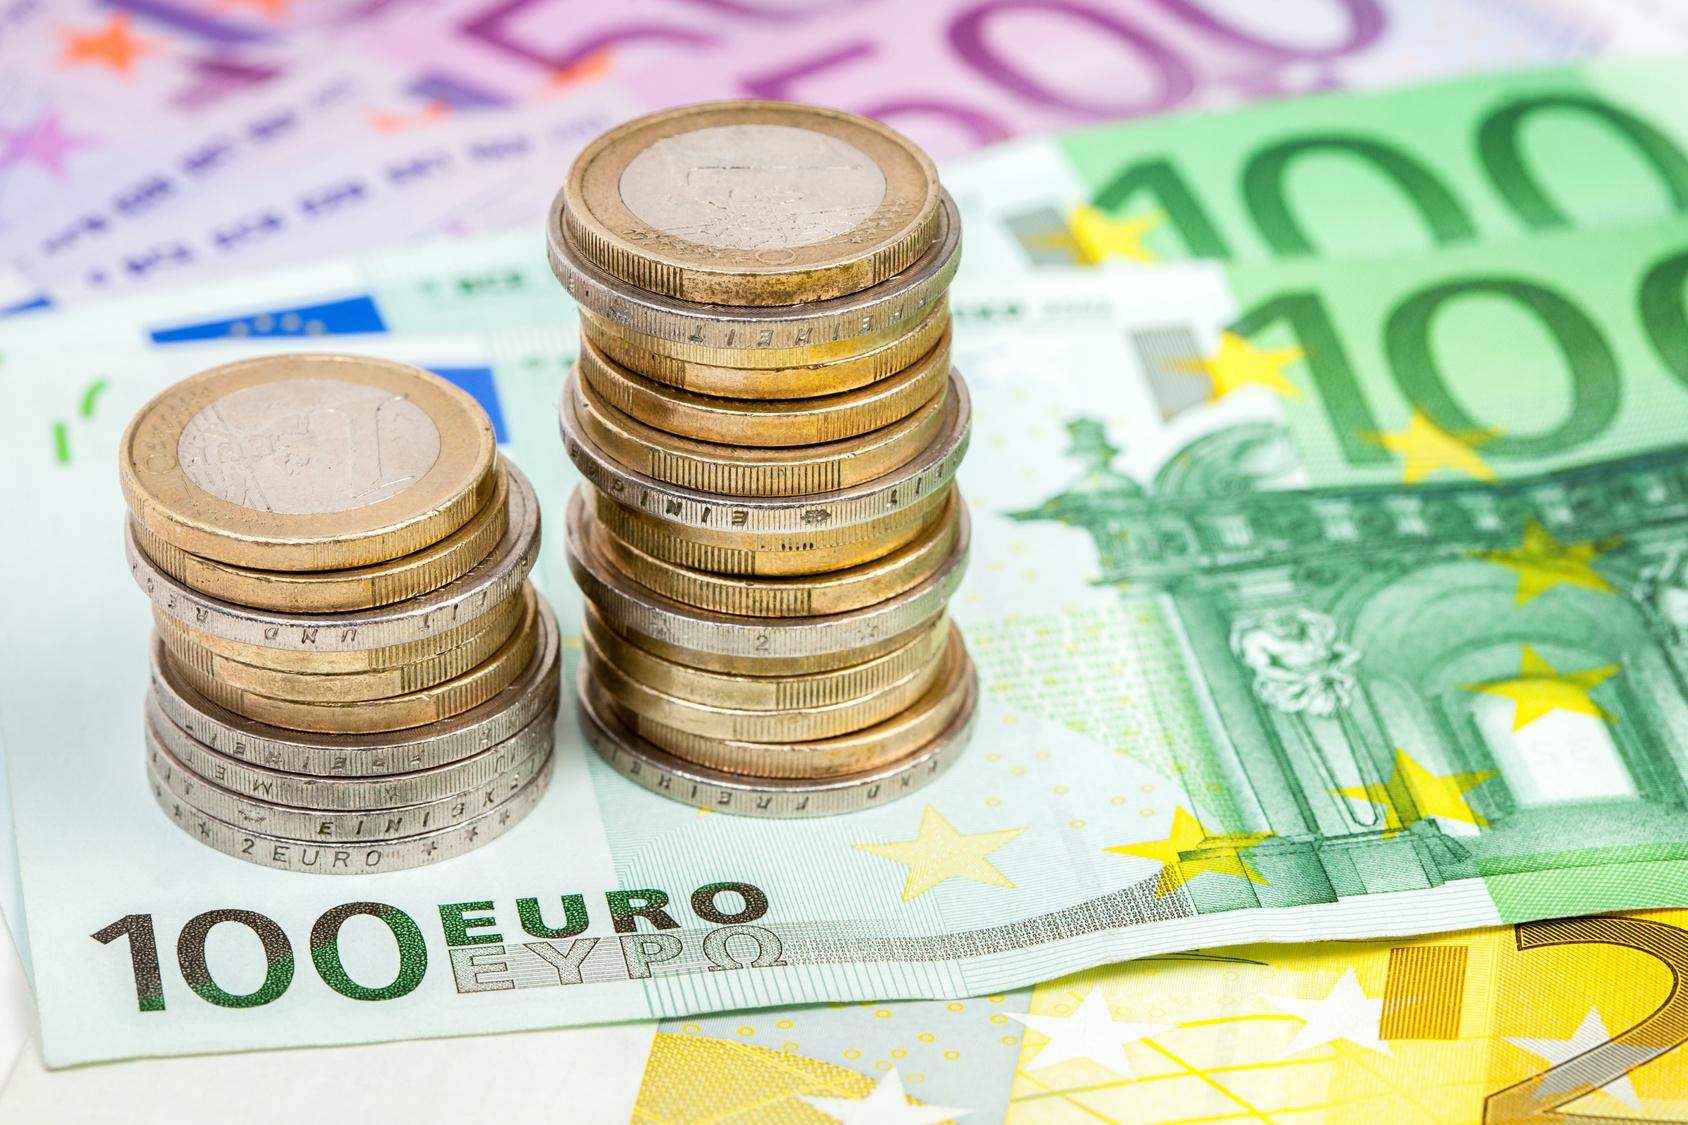 Euromnzen und Geldscheine